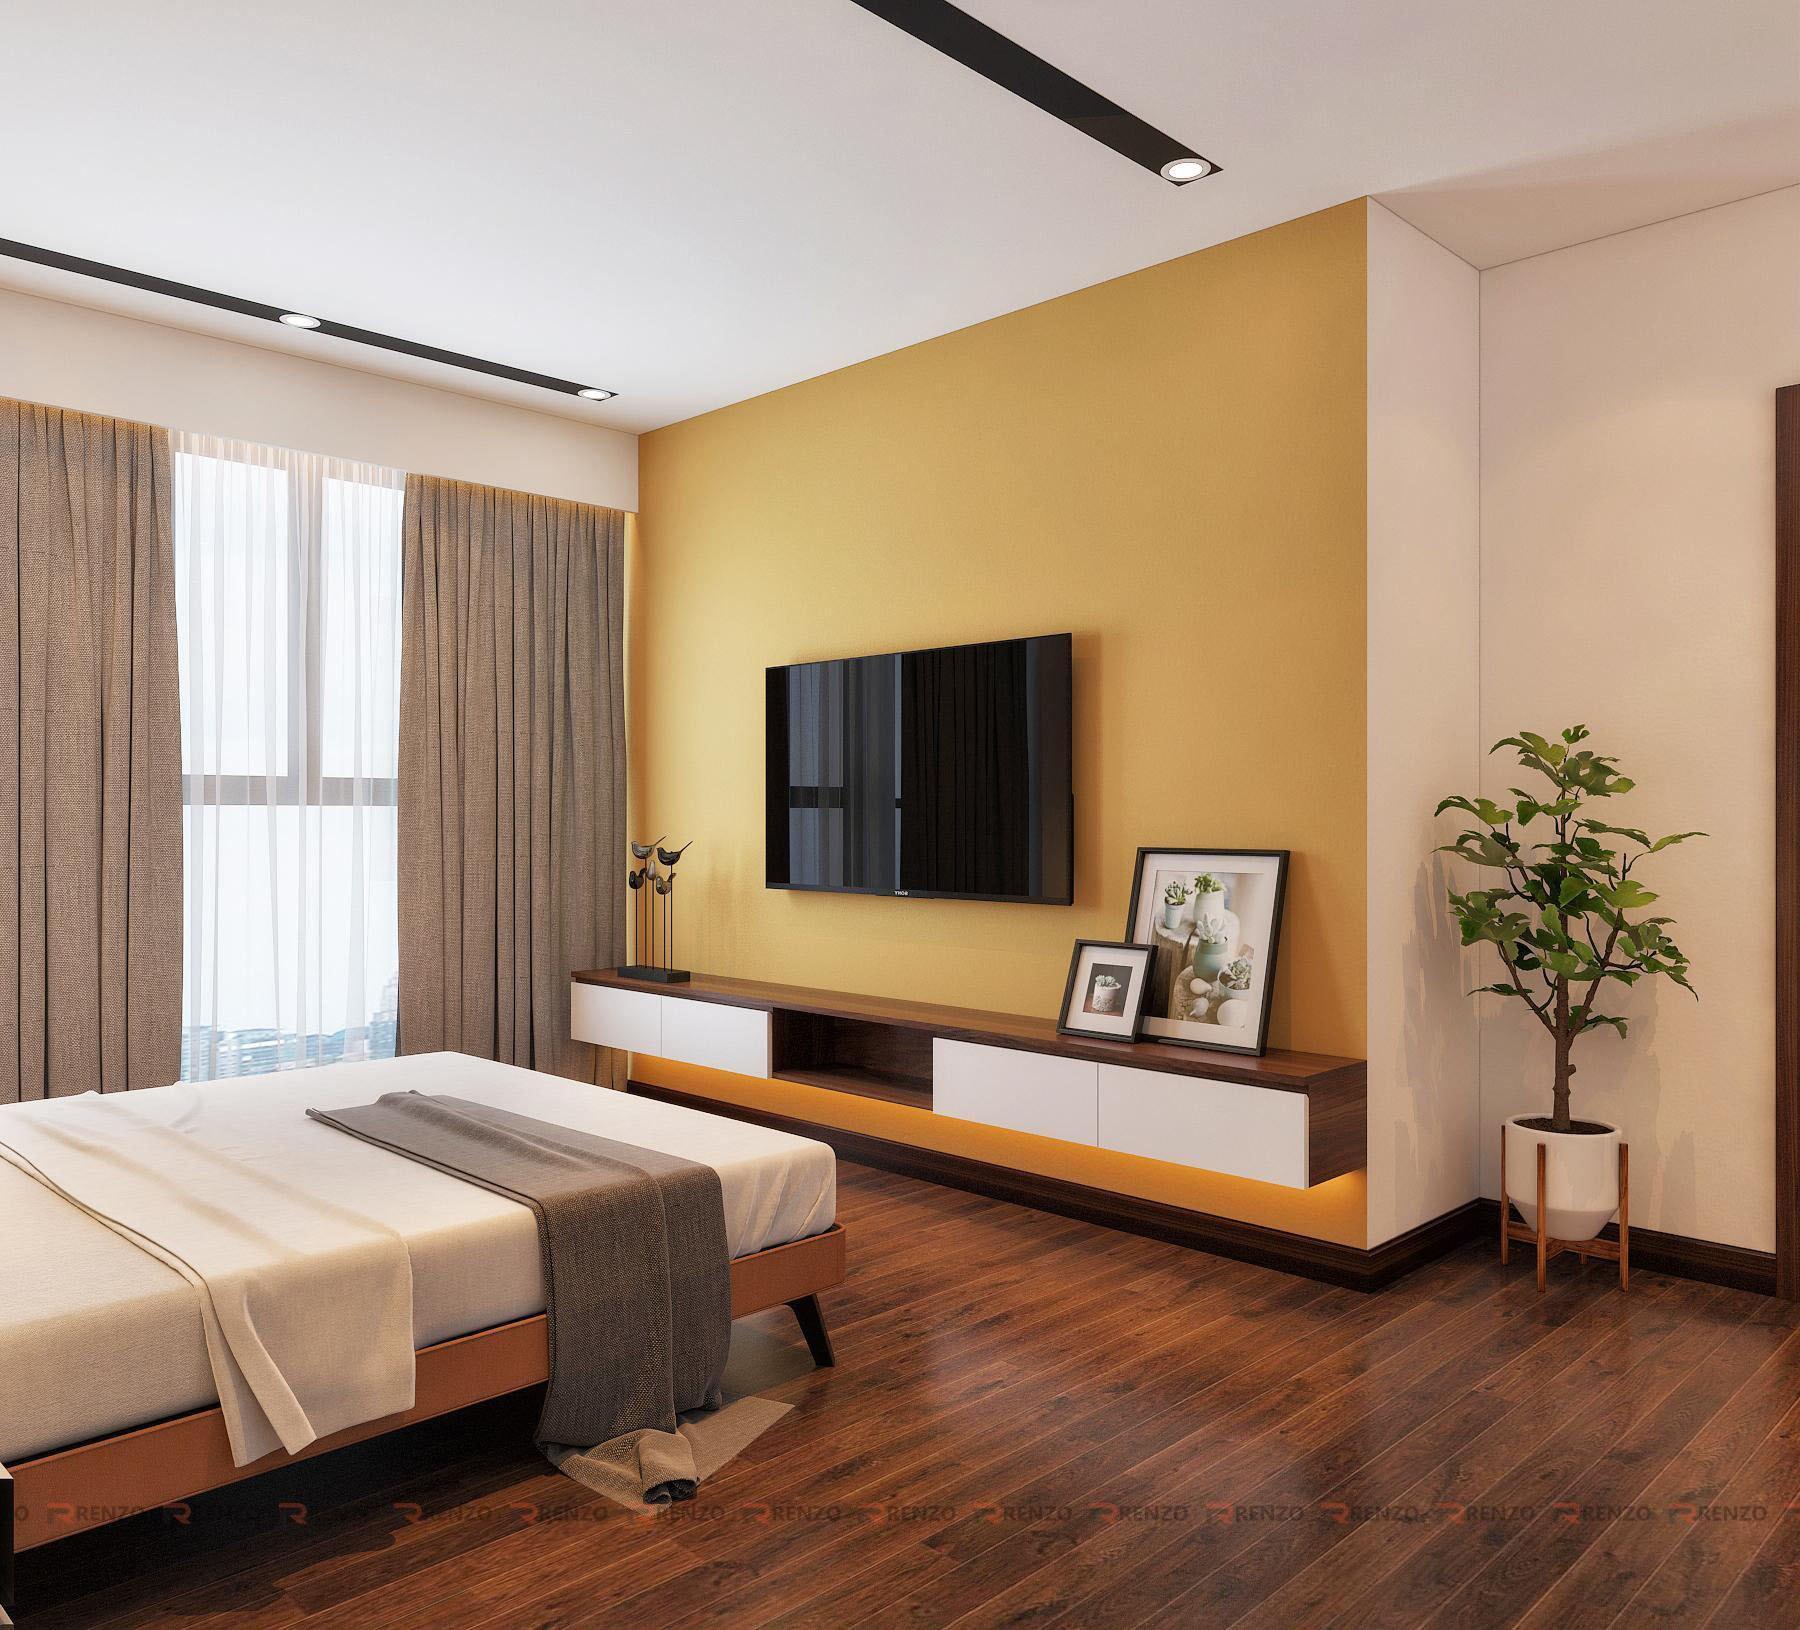 thiết kế nội thất phòng ngủ golg mark city